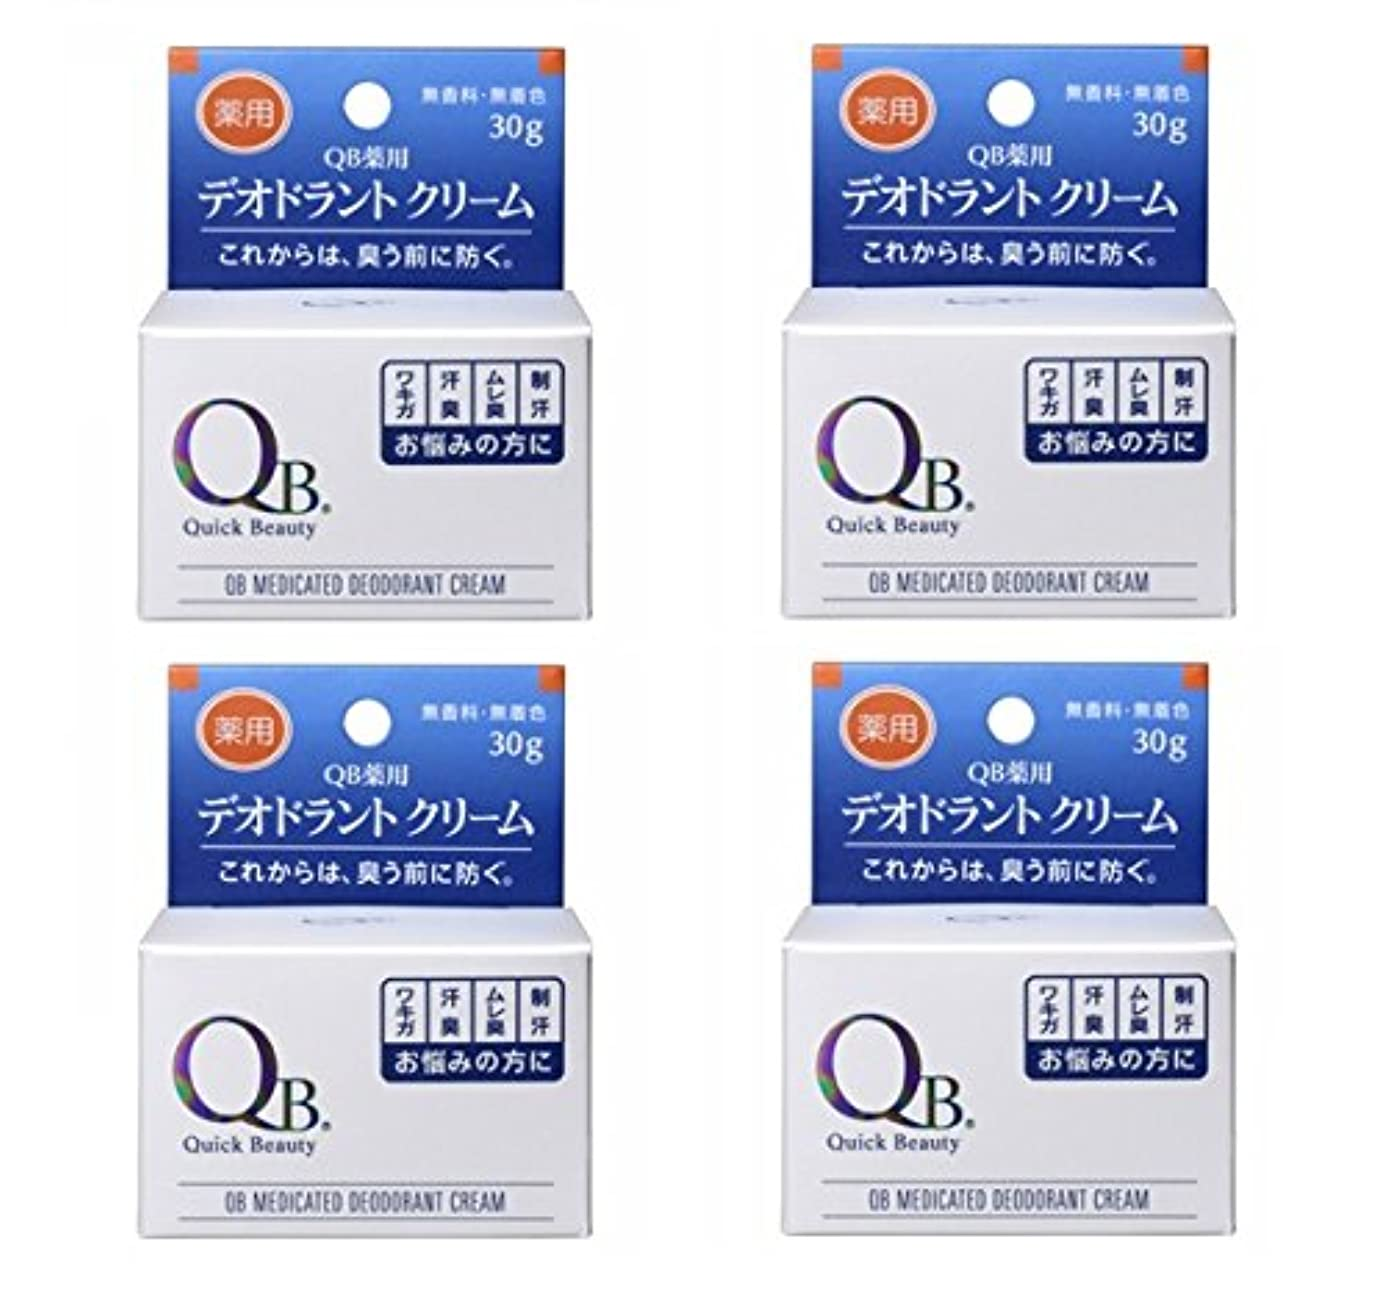 腕キャプション接地【×4個】 QB 薬用デオドラントクリーム 30g 【国内正規品】